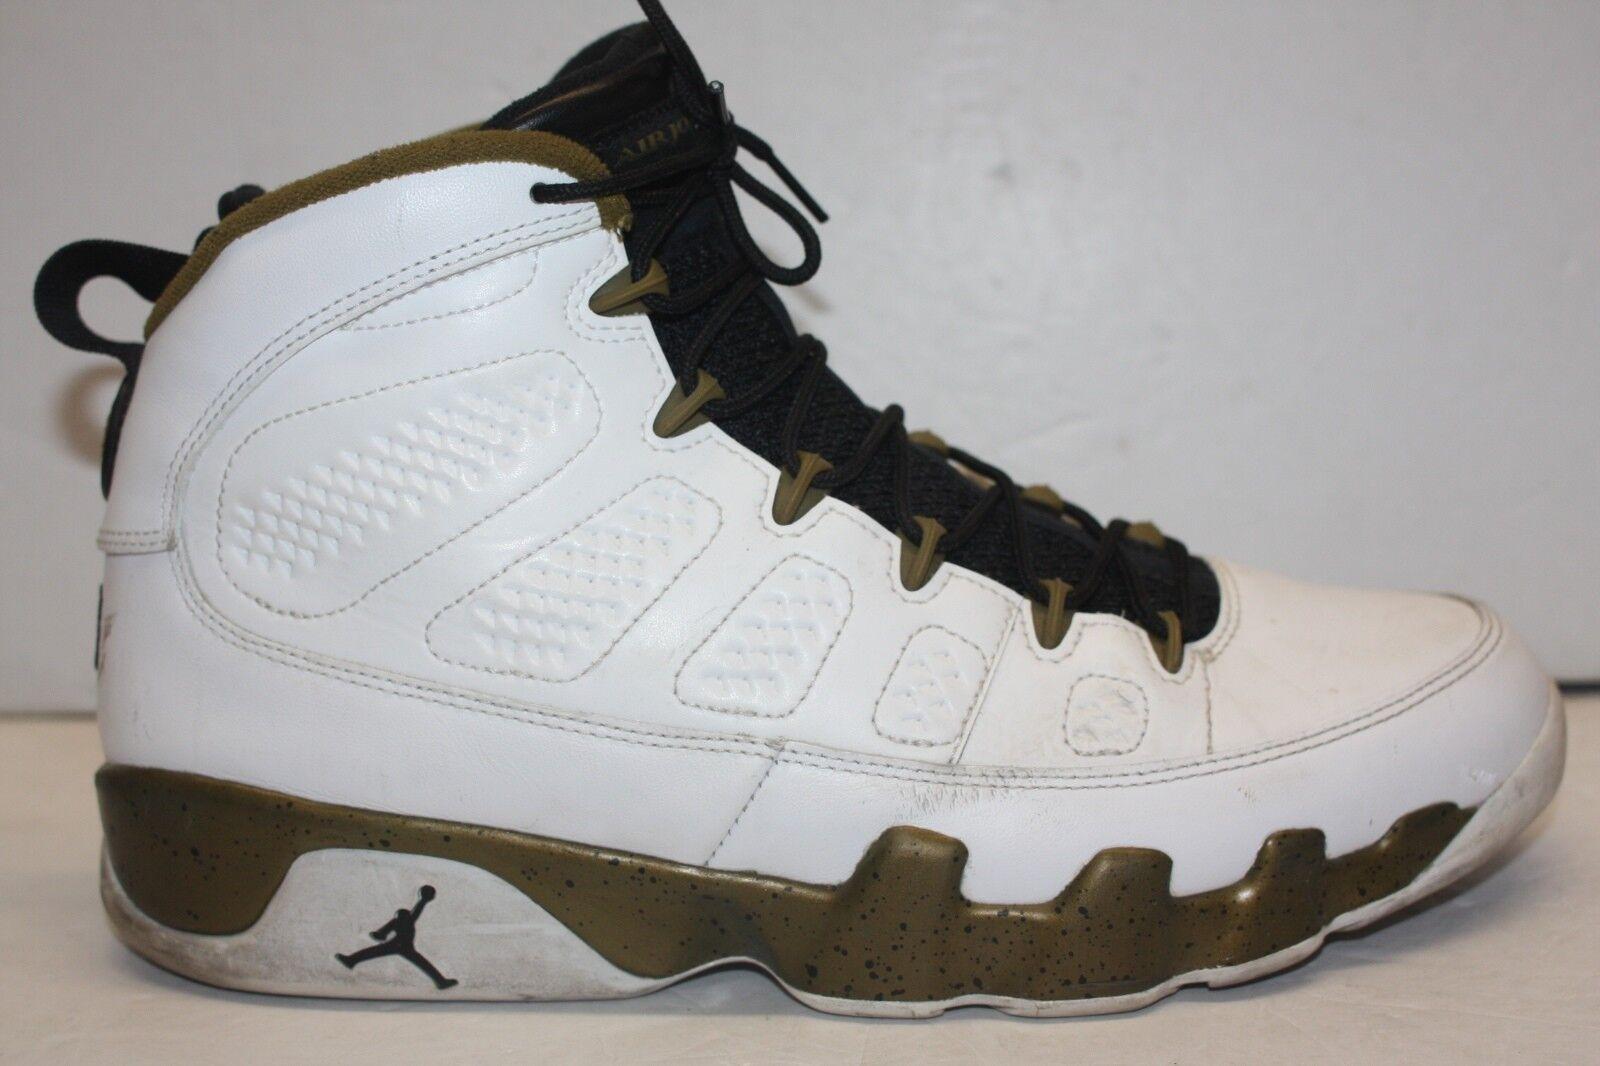 Nike Air Jordan Retro IX 9 MILITIA GREEN Statue Spirit Copper 302370-109 Size 11